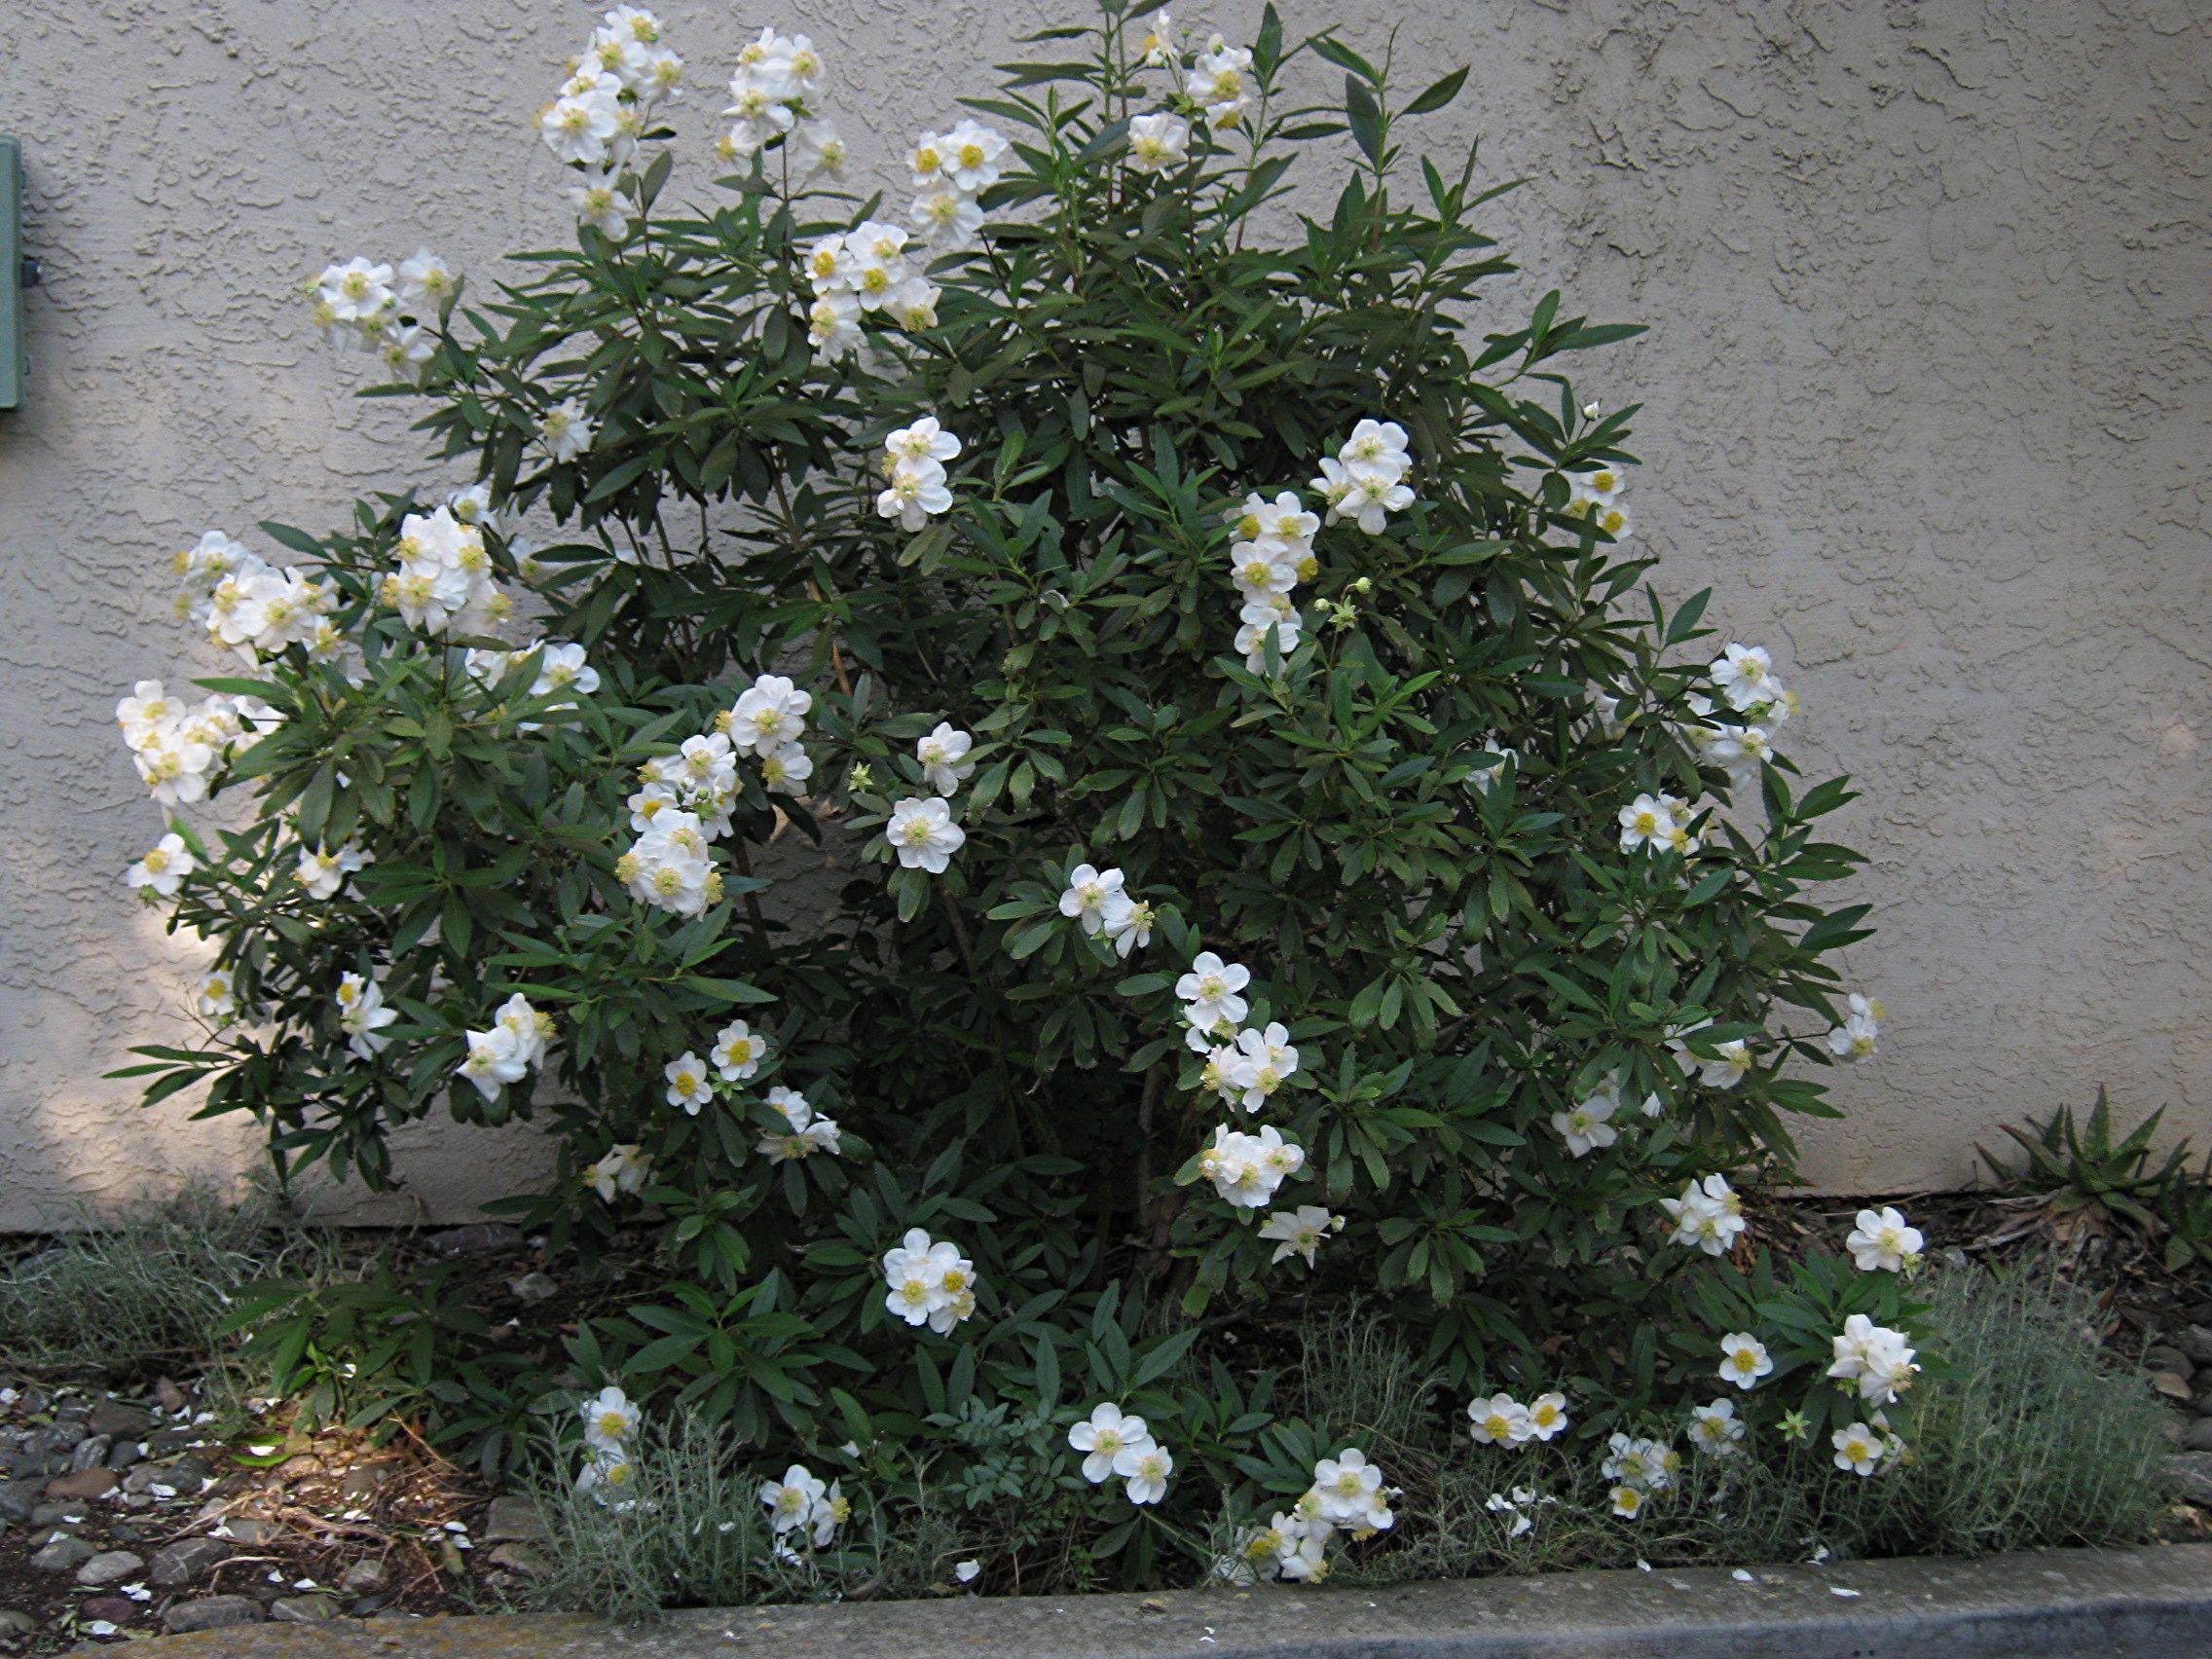 Tavolone Carpenteria ~ Back carpenteria californica carpenteria drabble garden